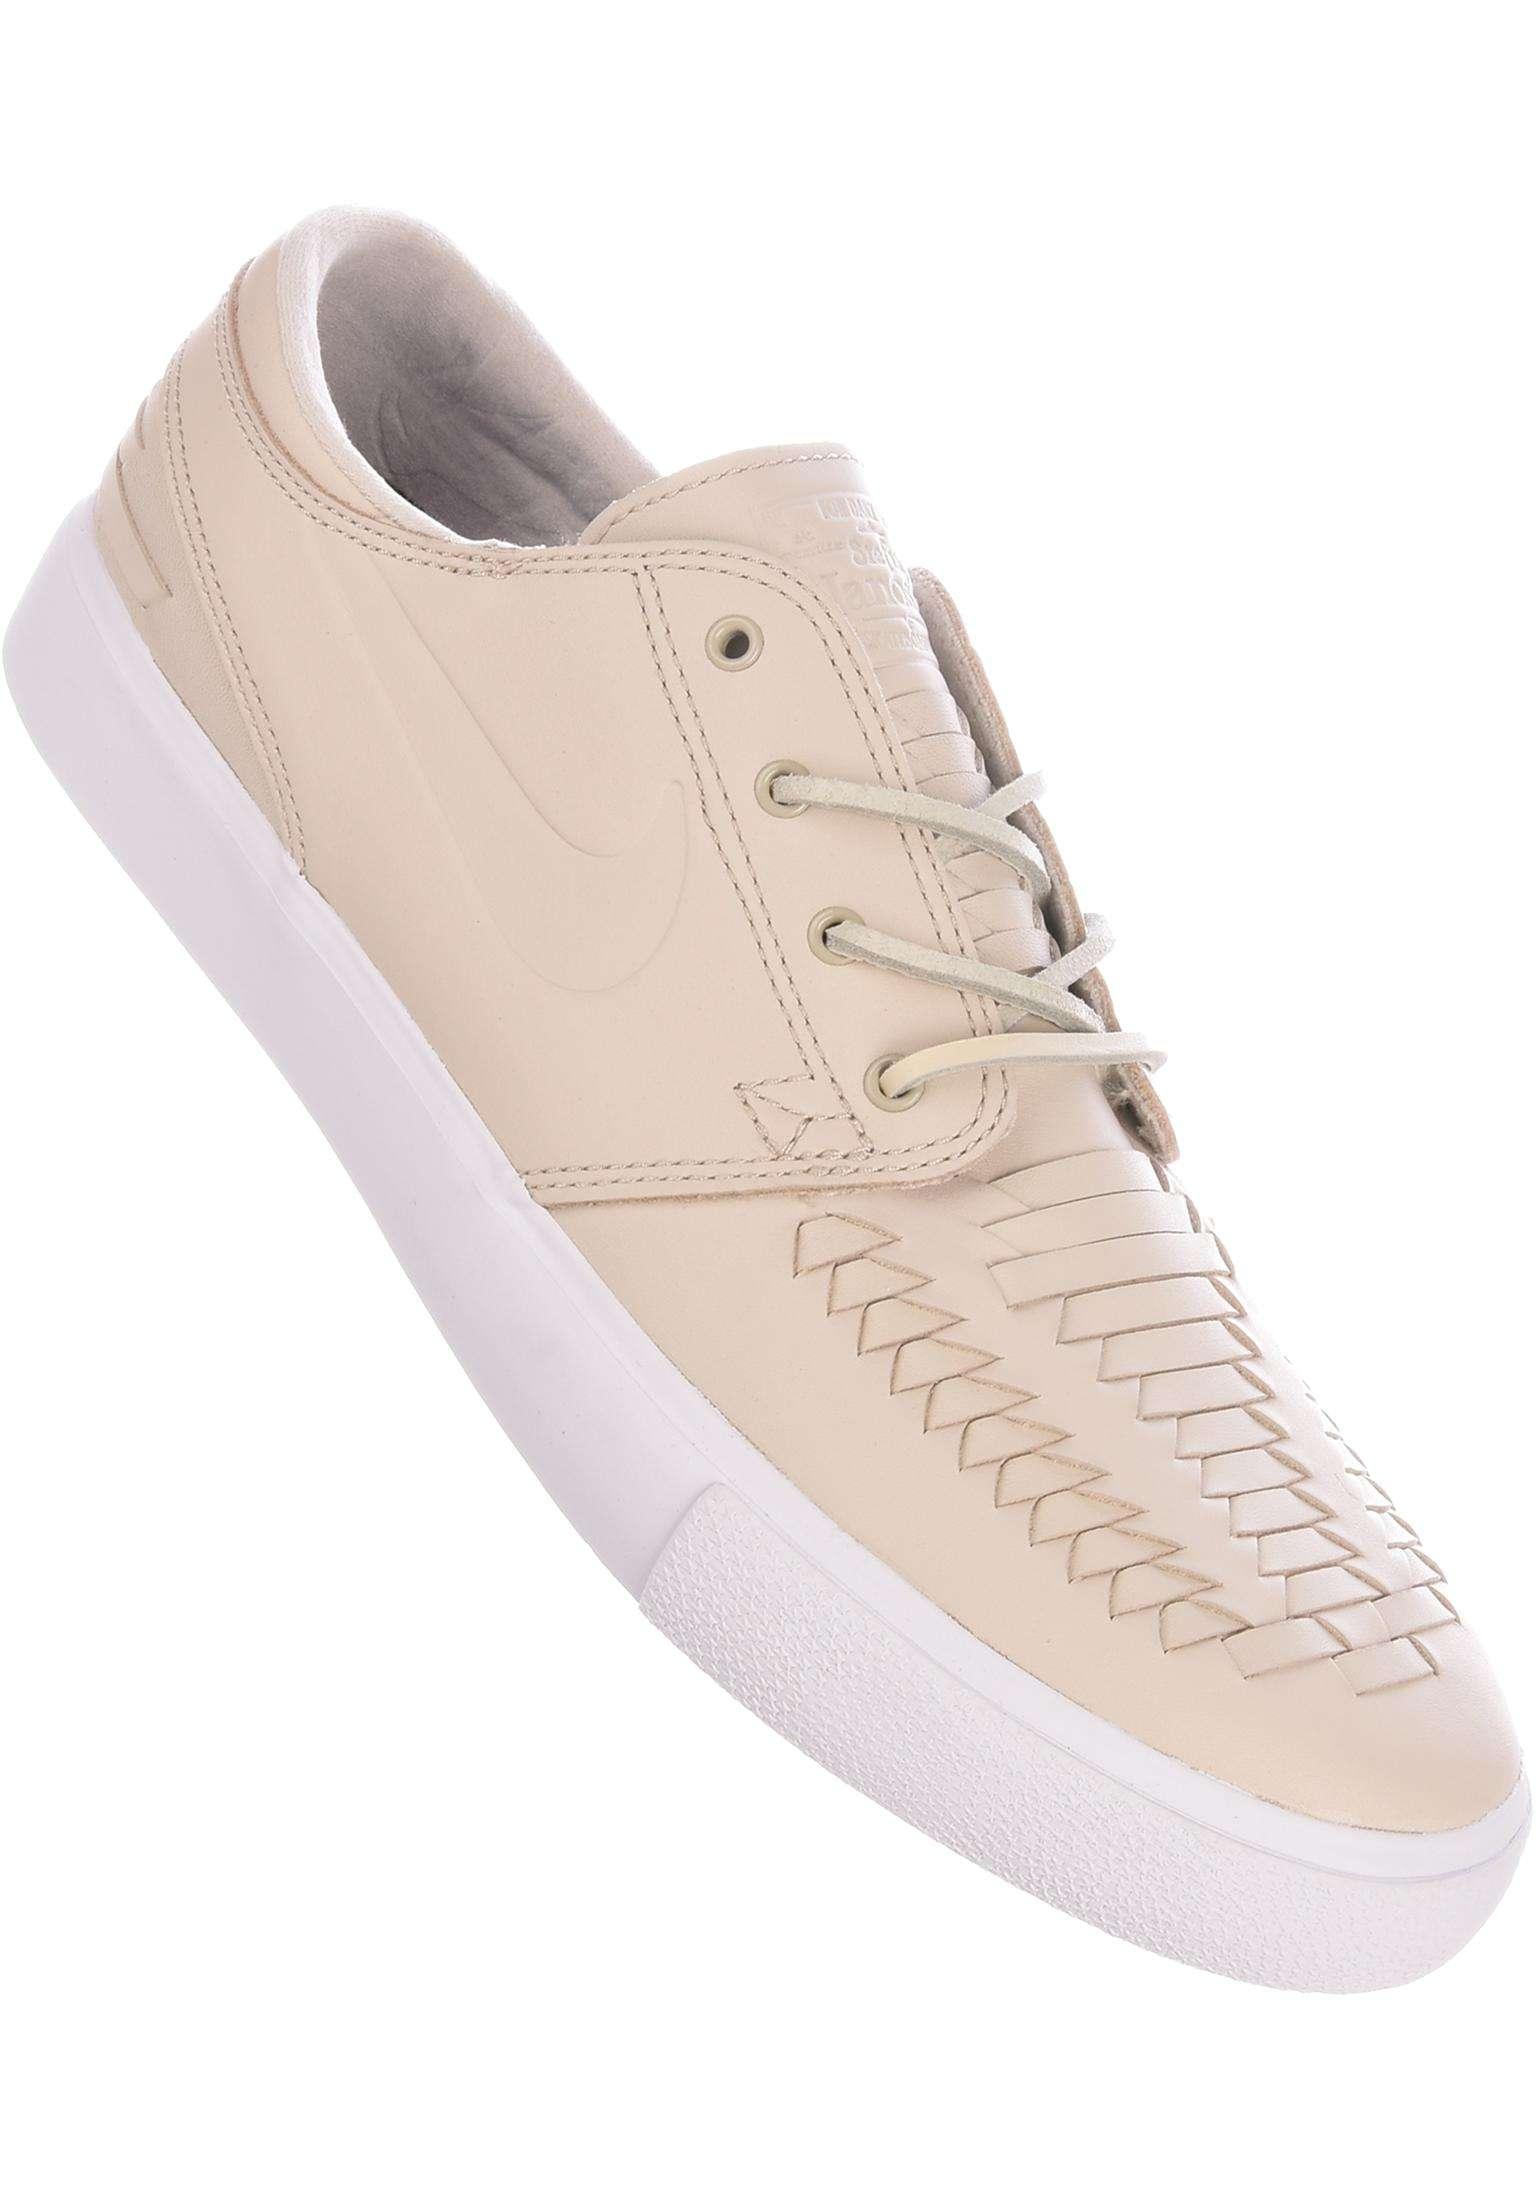 szczegółowe zdjęcia dobra sprzedaż buty skate Nike SB Zoom Stefan Janoski RM Crafted